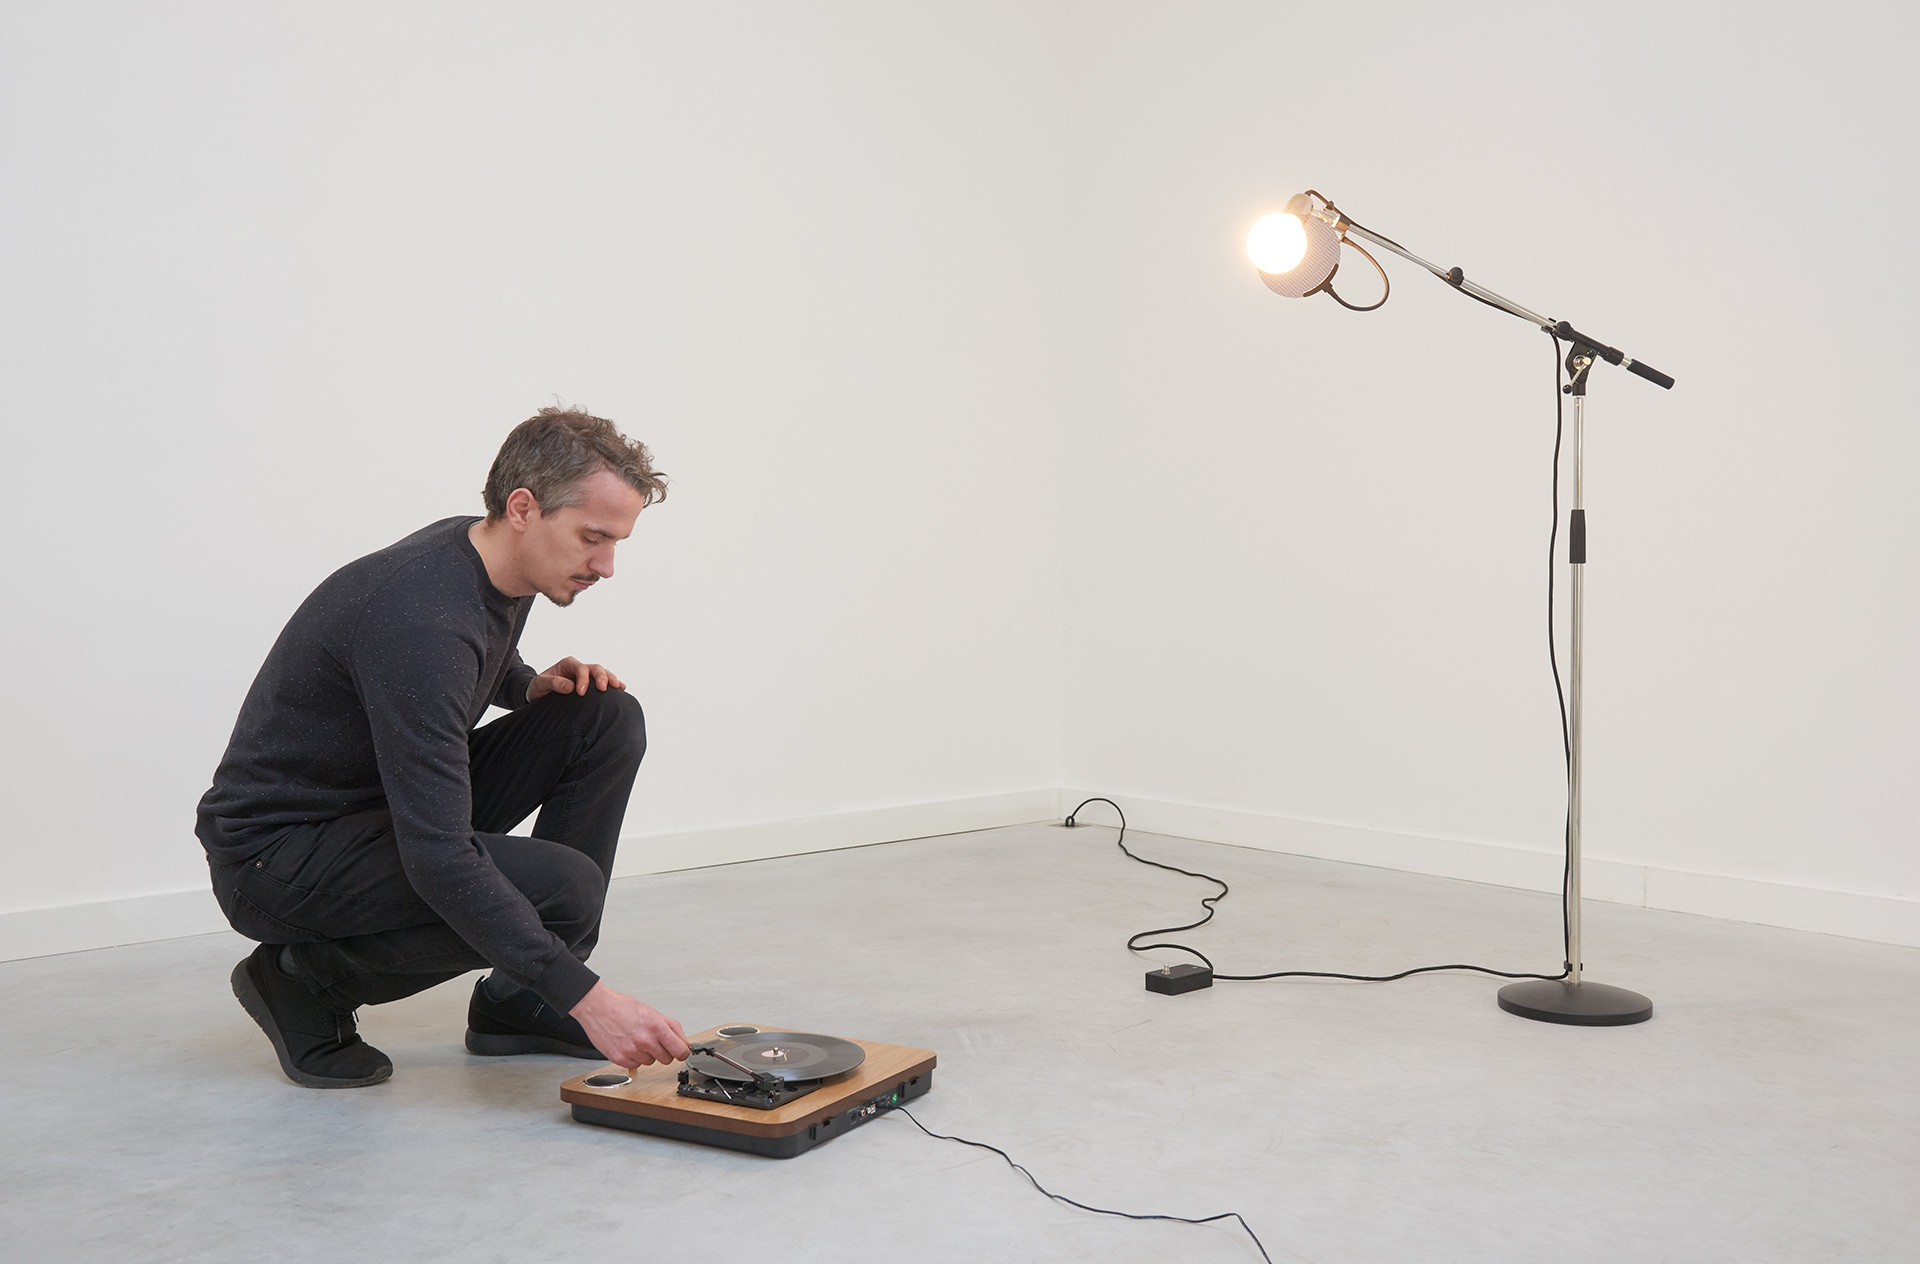 Ben Van den Berghe Reflector (curated project), Antwerp, 2016